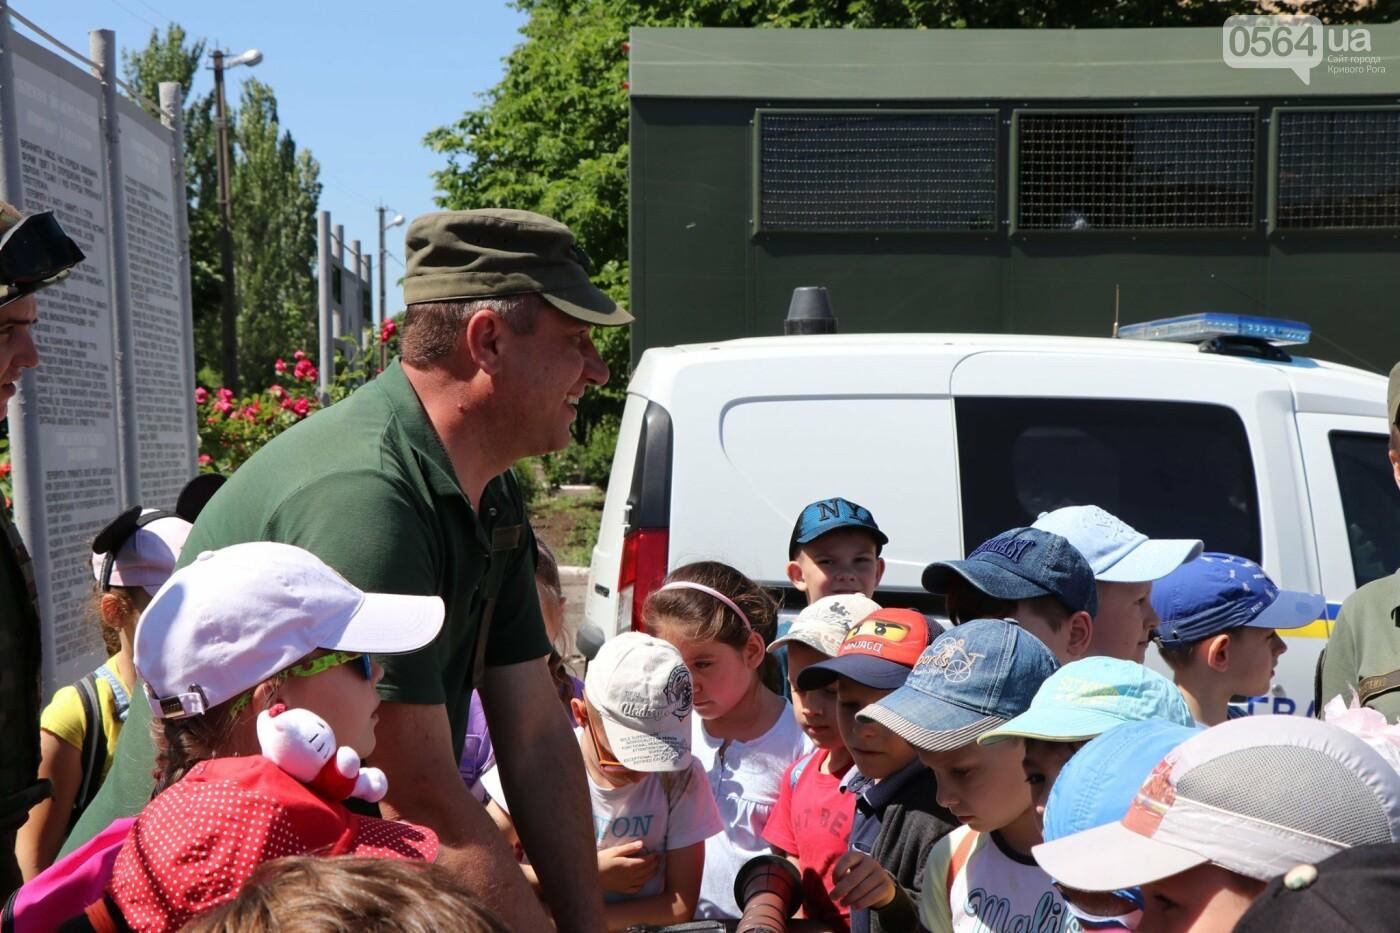 Нацгвардейцы в Кривом Роге устроили День открытых дверей для школьников и познакомили их с Ирен, фото-4